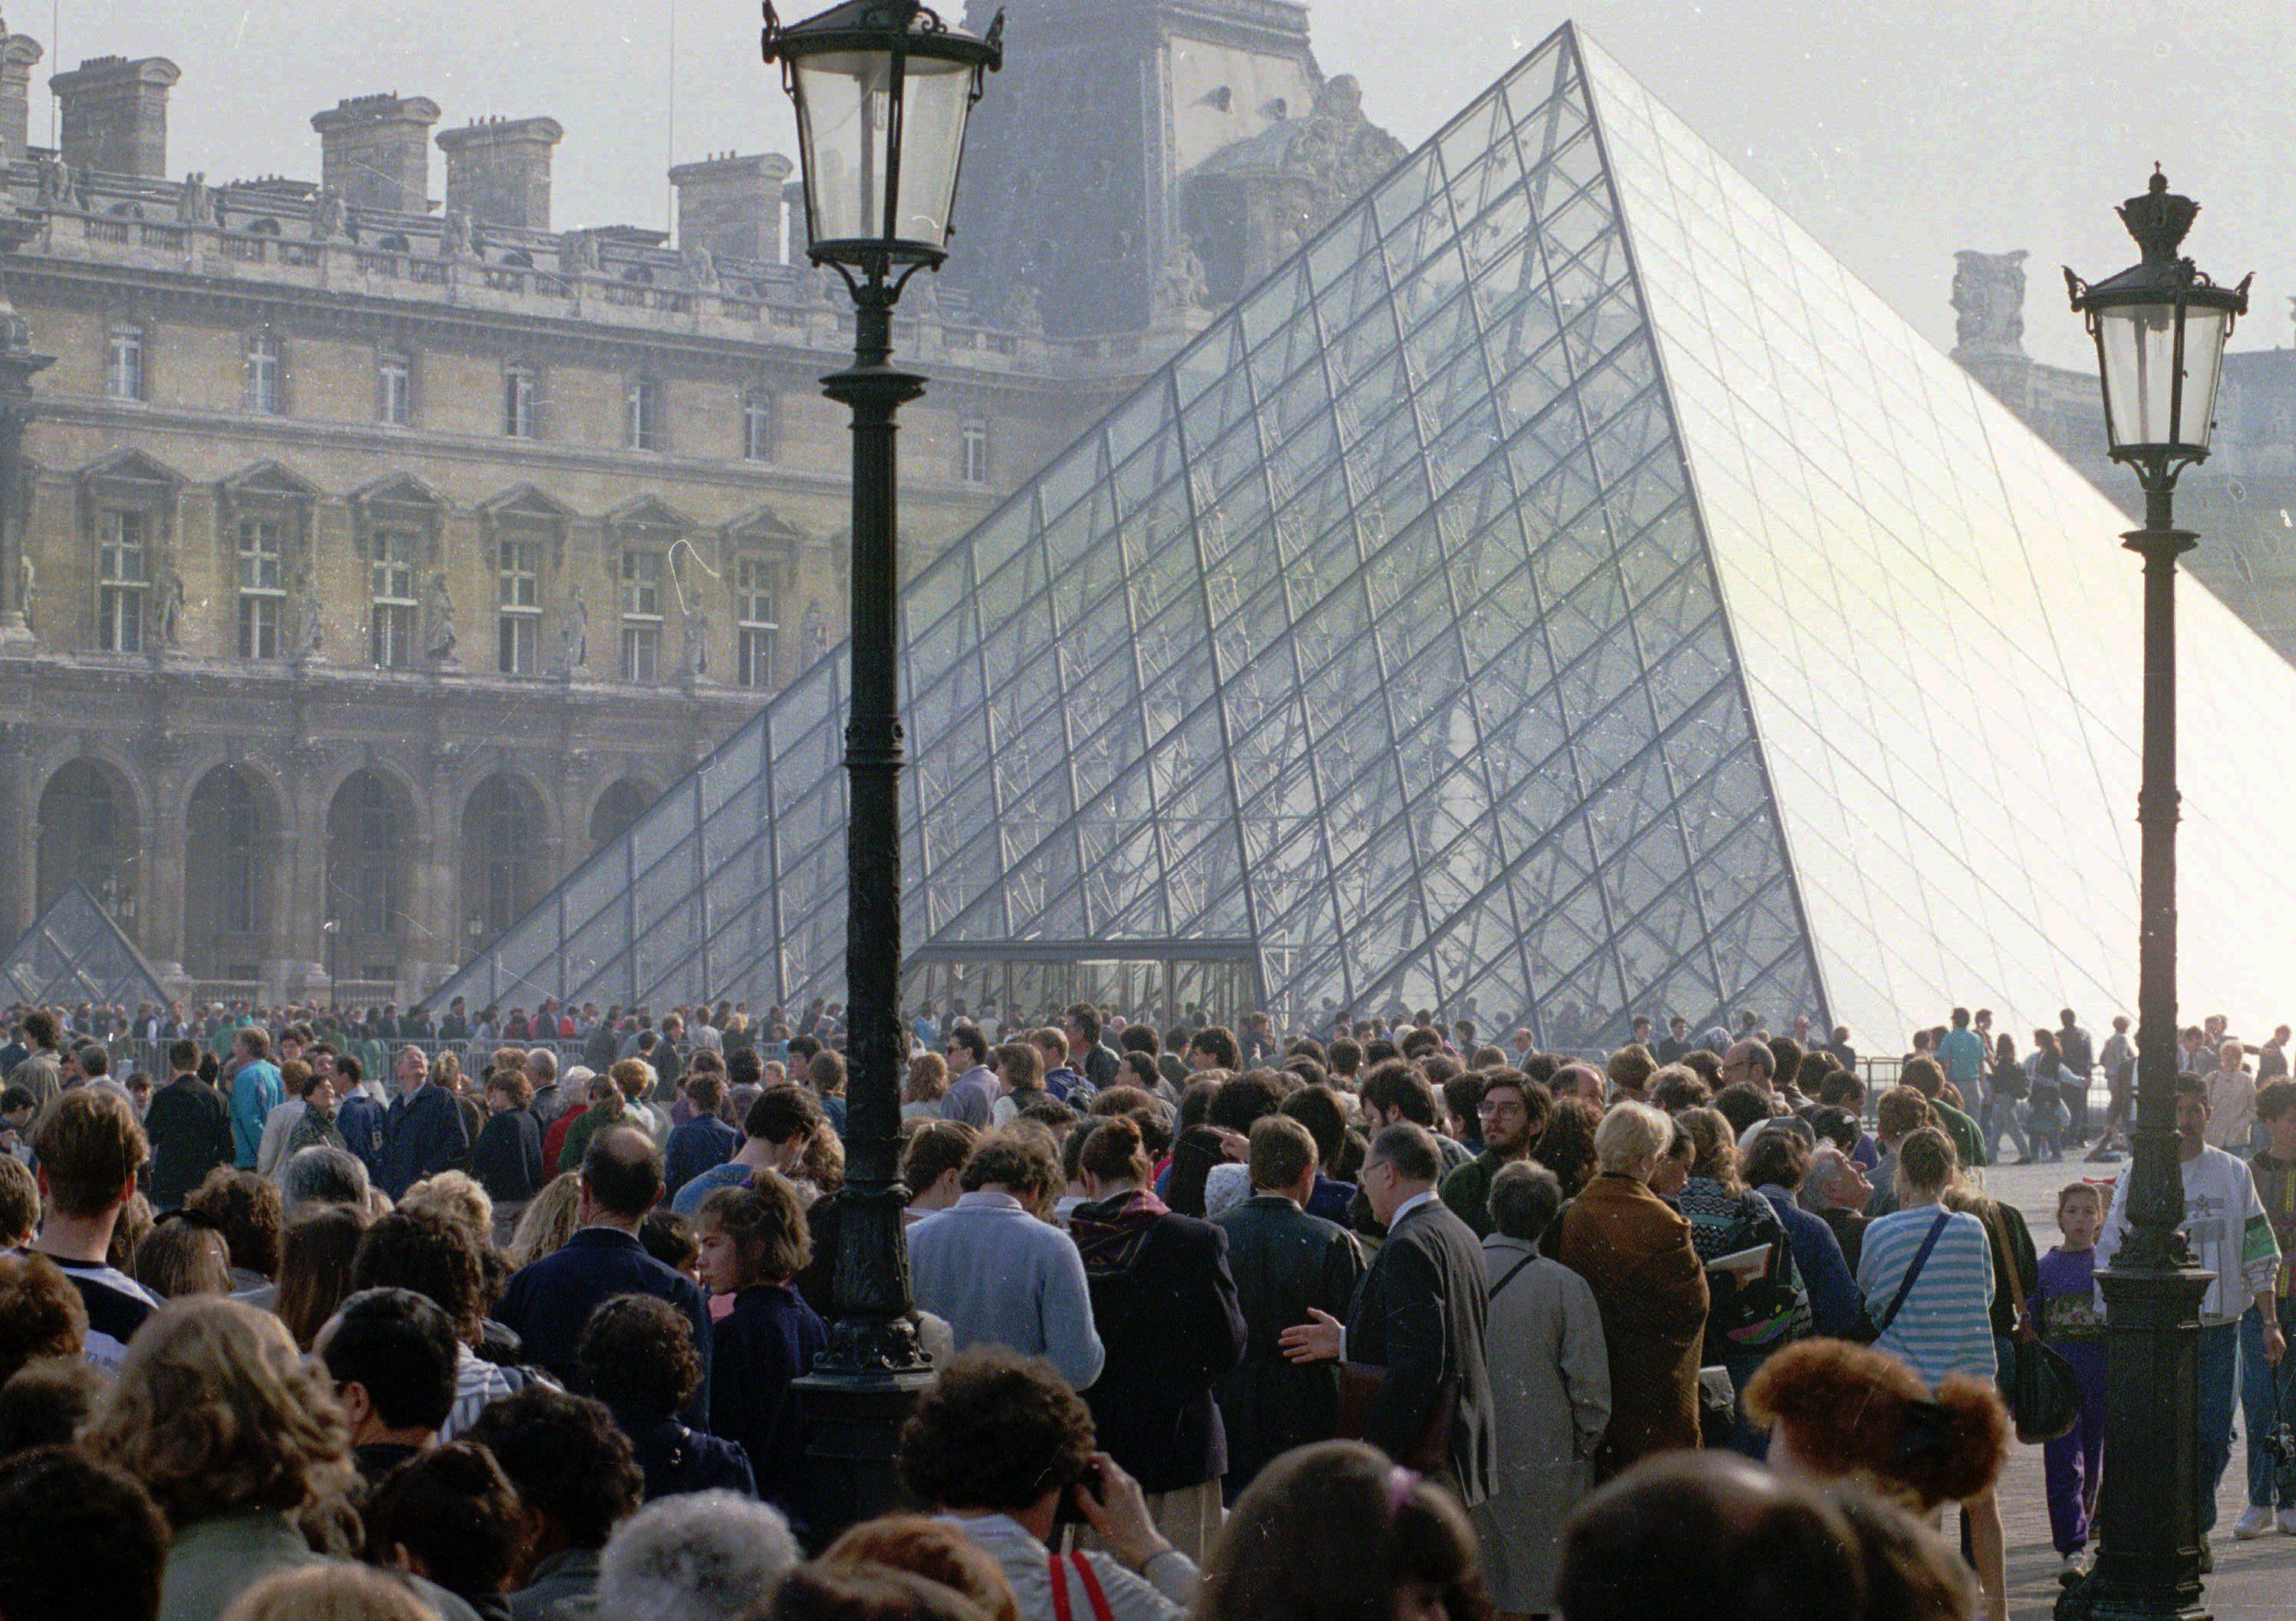 1989年3月30日,上百名民眾聚集在羅浮宮前觀看玻璃金字塔。 法總統於同一年委託華裔名建築師貝聿銘設計了一座玻璃金字塔,作為羅浮宮入口處。 (美聯社)